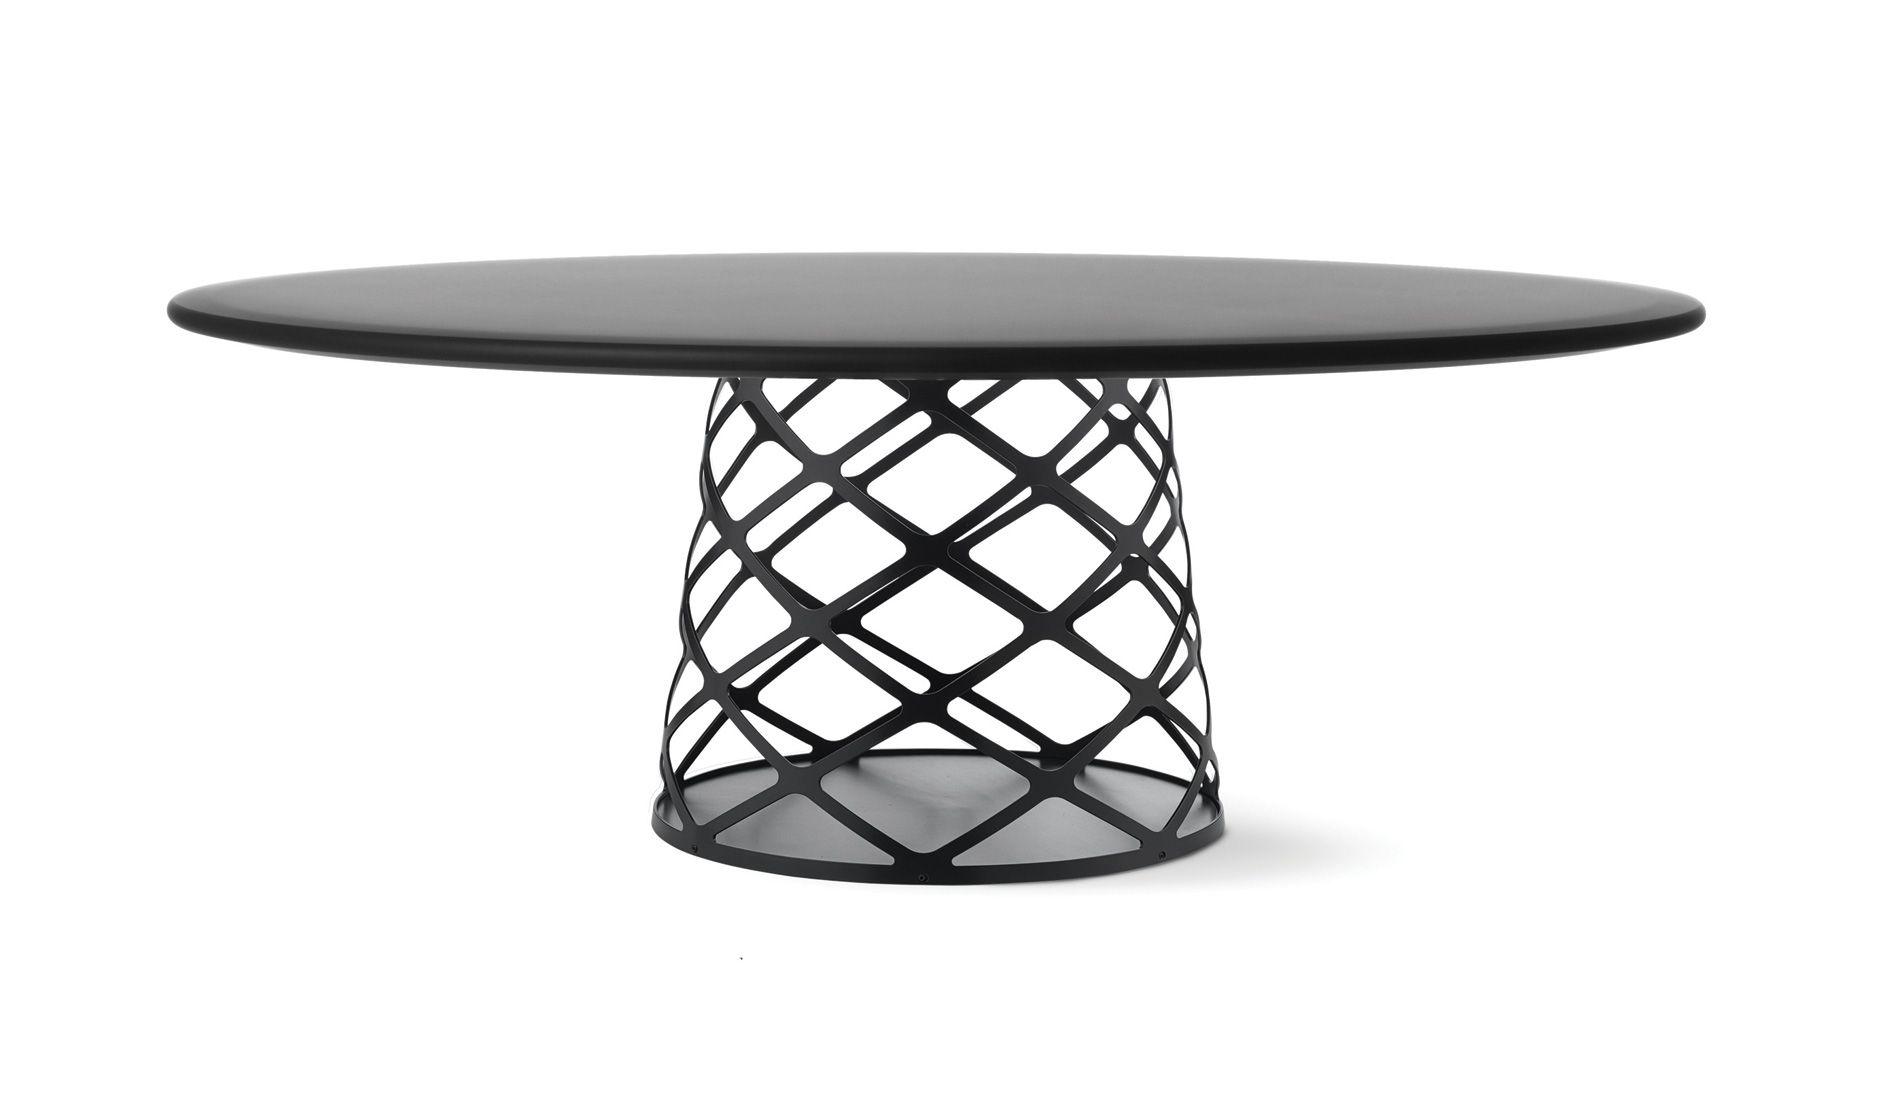 Gubi Aoyama Lounge Tisch 120 Cm Rund Tables